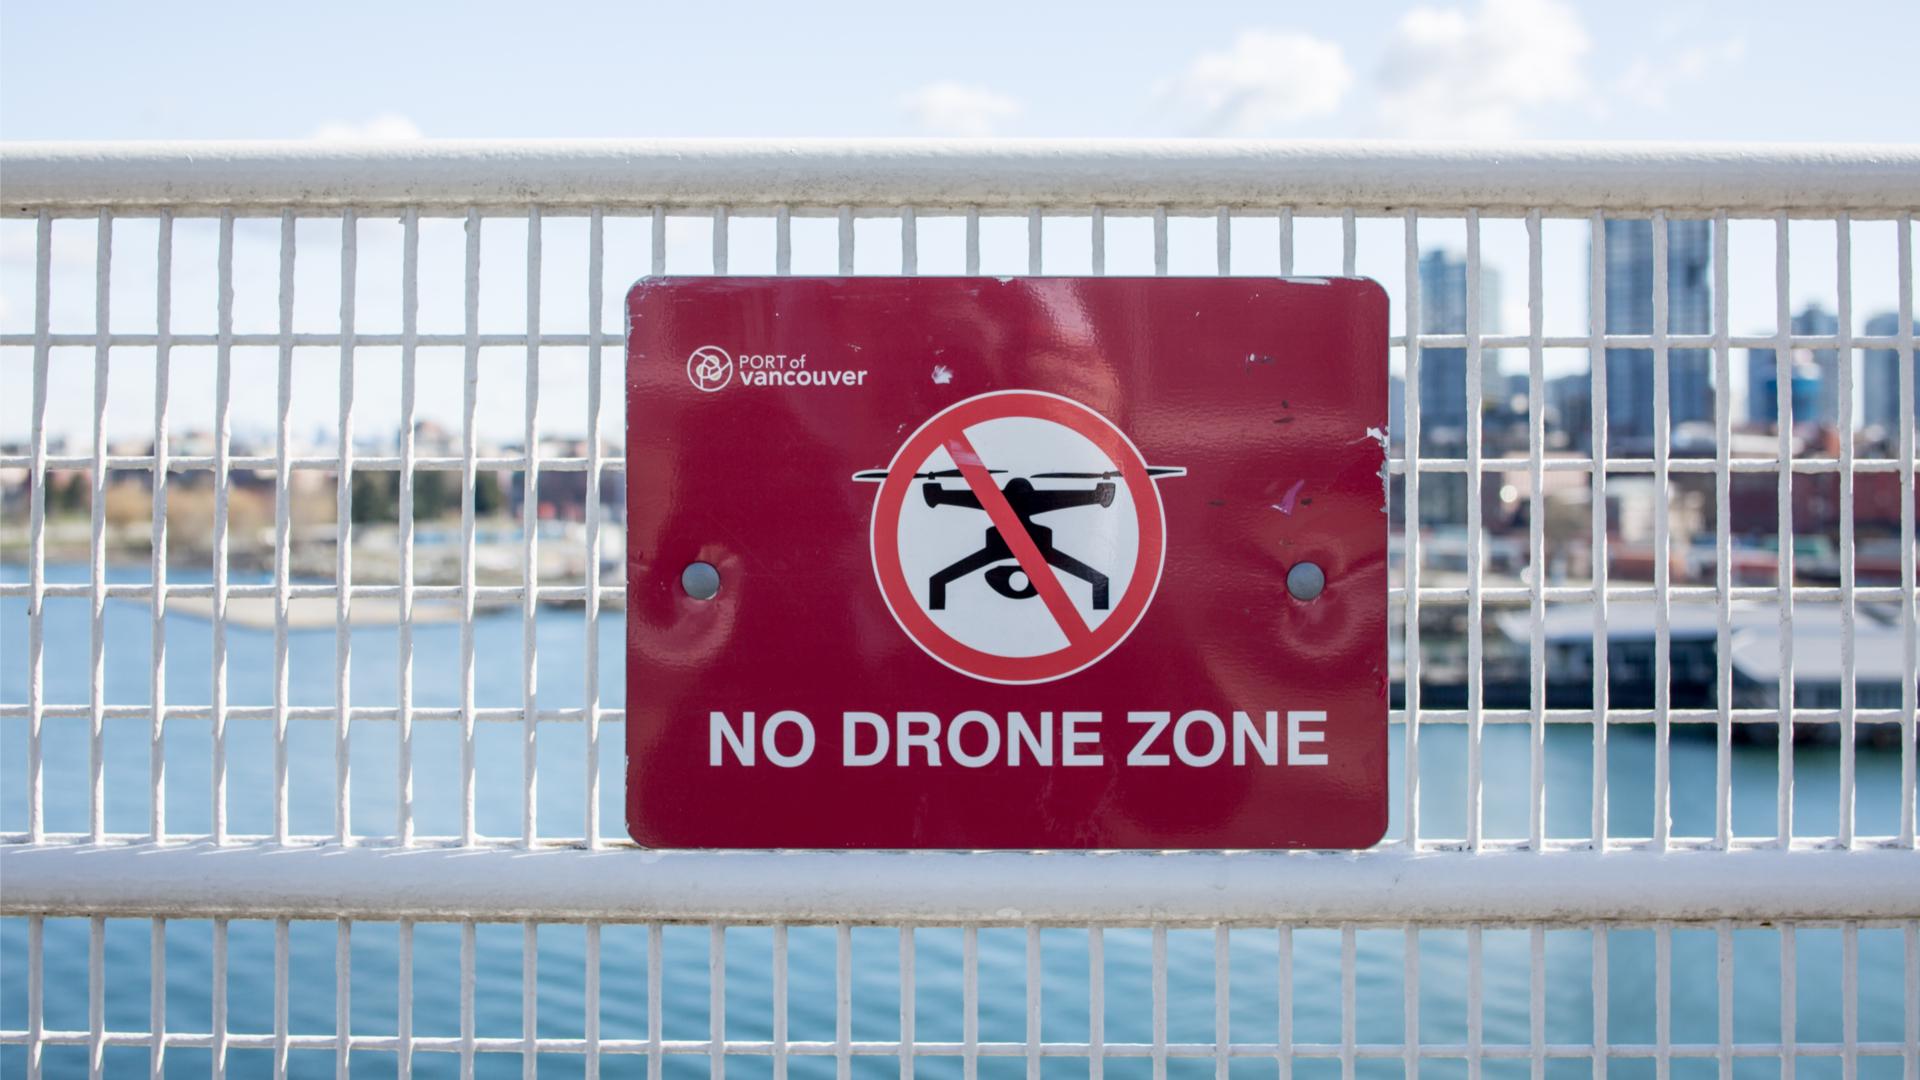 誤用無人機墮法網:日本大叔醉駕 澳隔離旅客運香煙 美青年航拍撞世貿